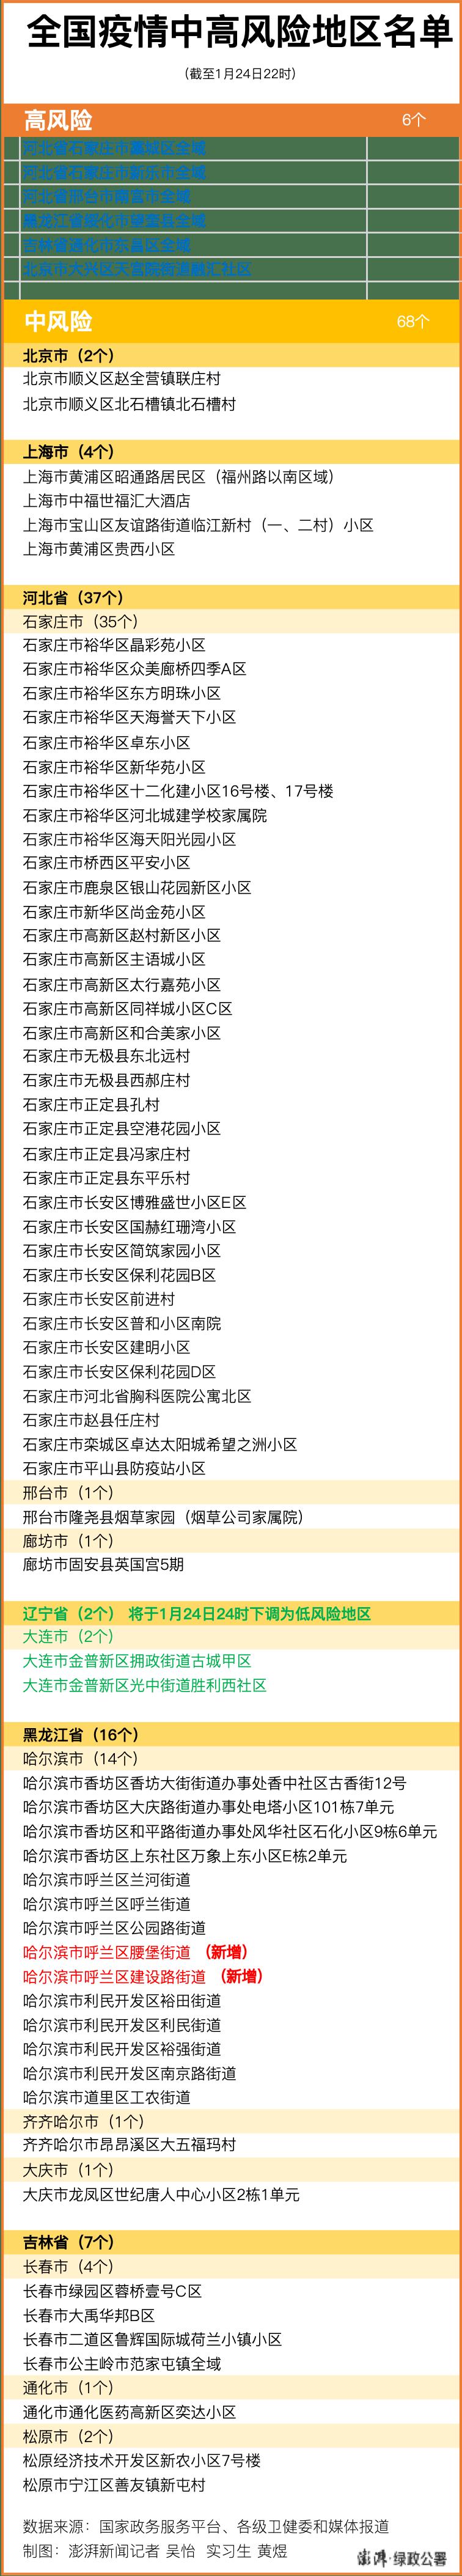 黑龙江省2,全国各地目前普通高中风险性区668个